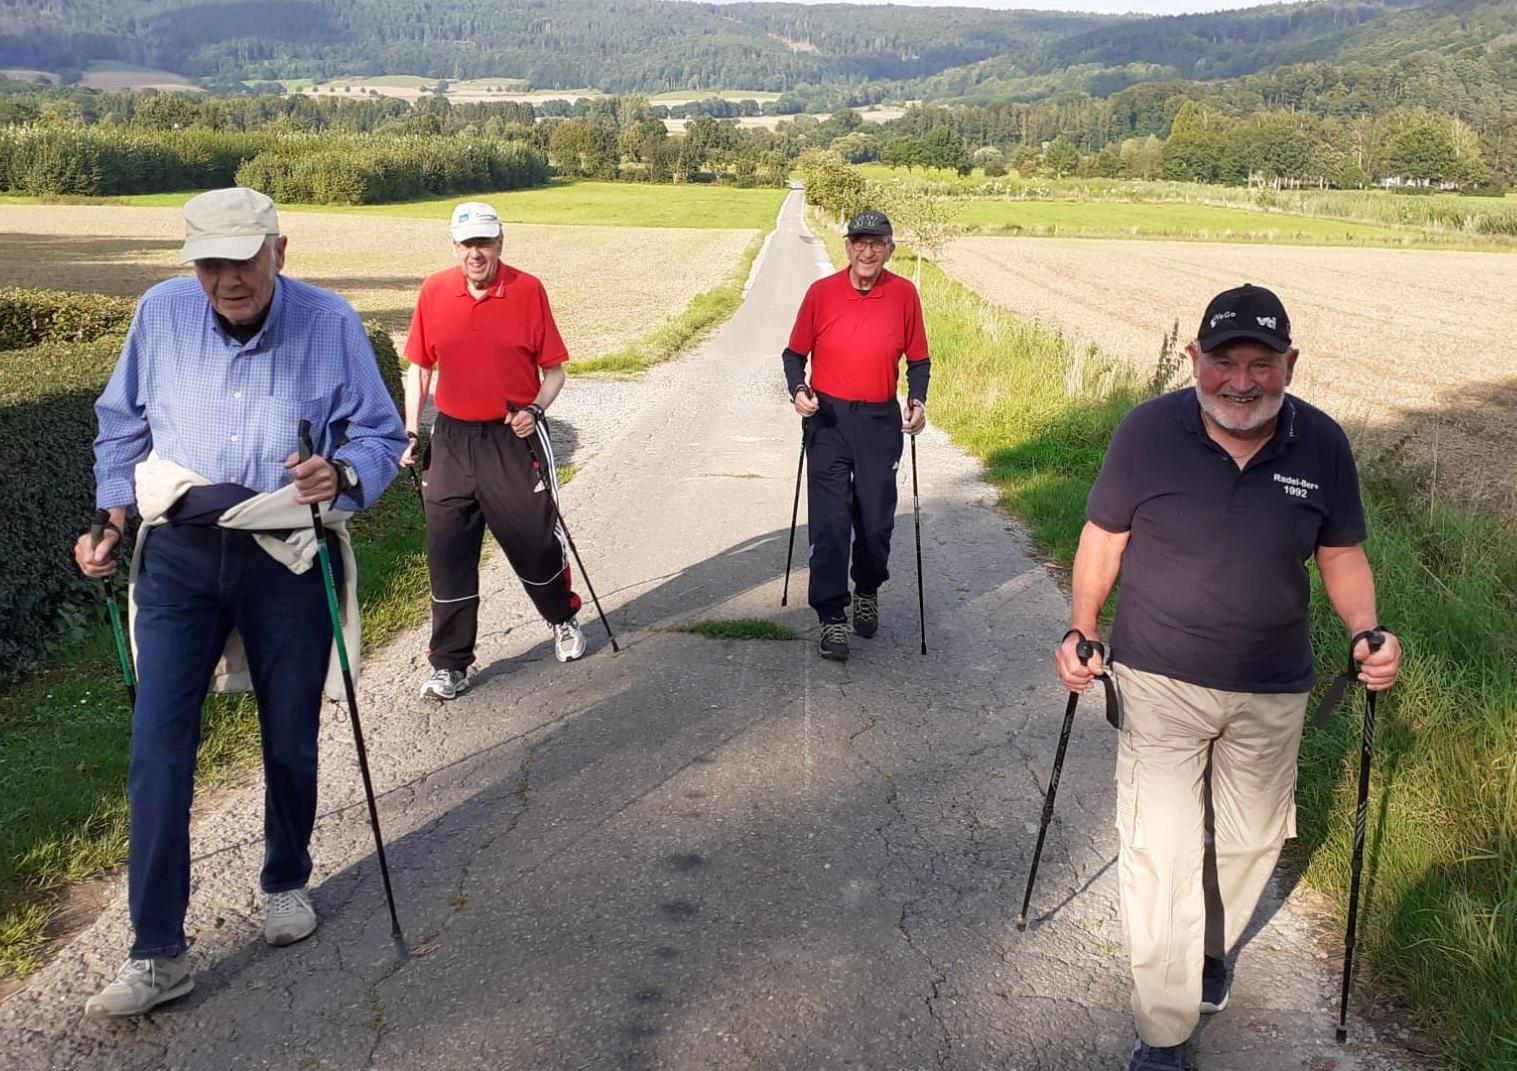 Senioren walken beim VfL Veckerhagen